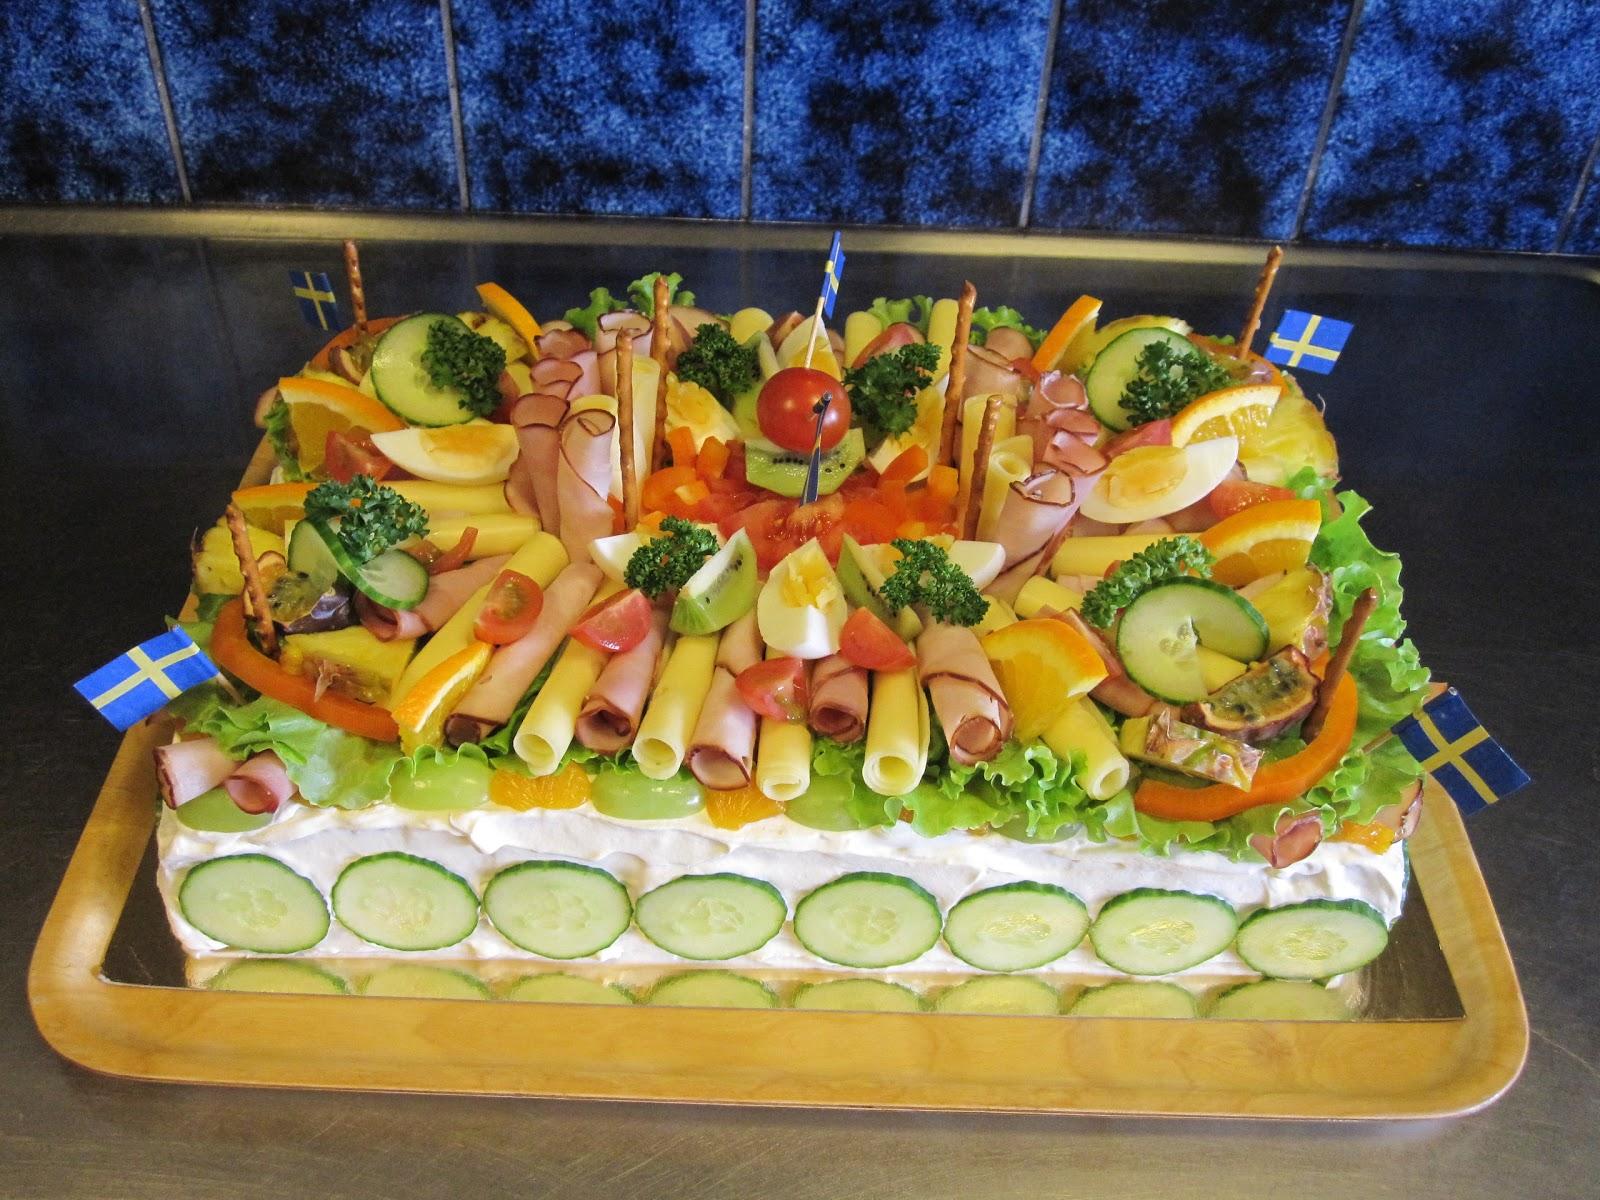 mat födelsedag Mitt liv som fru L: Smörgåstårtor till svärfars födelsedag! mat födelsedag